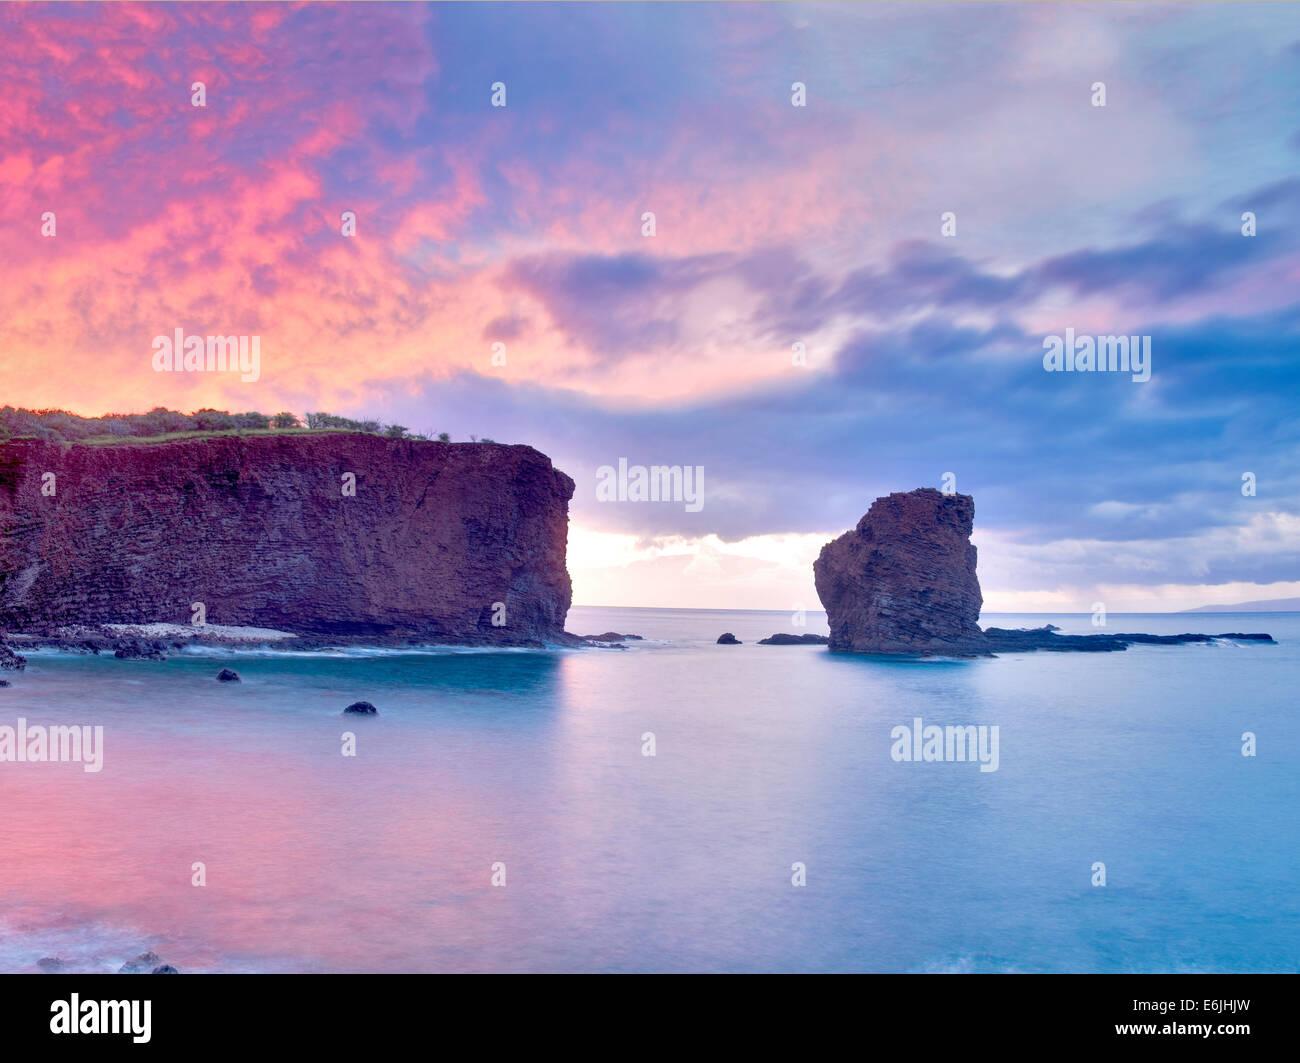 Schatz-Rock bei Sonnenuntergang. Lanai, Hawaii Stockbild